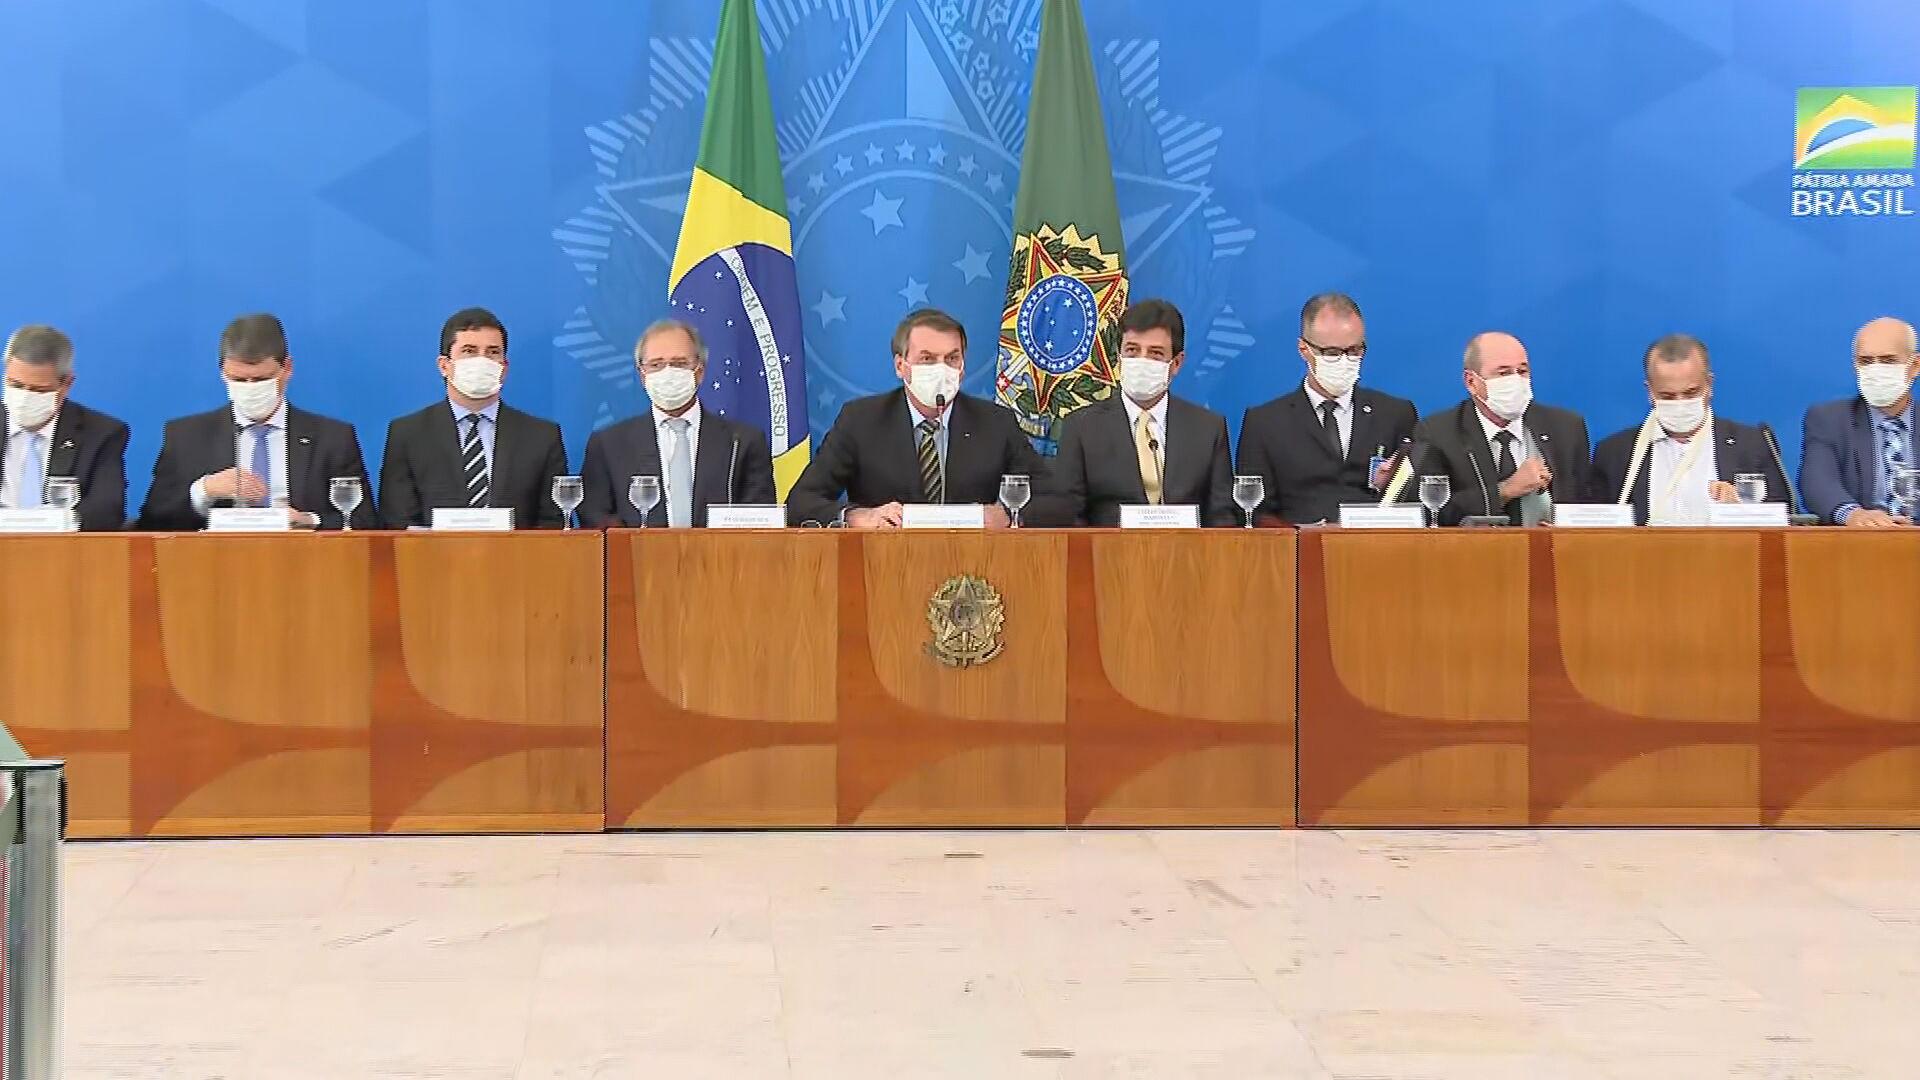 O presidente Jair Bolsonaro com os ministros Luiz Henrique Mandetta (Saúde), Pau